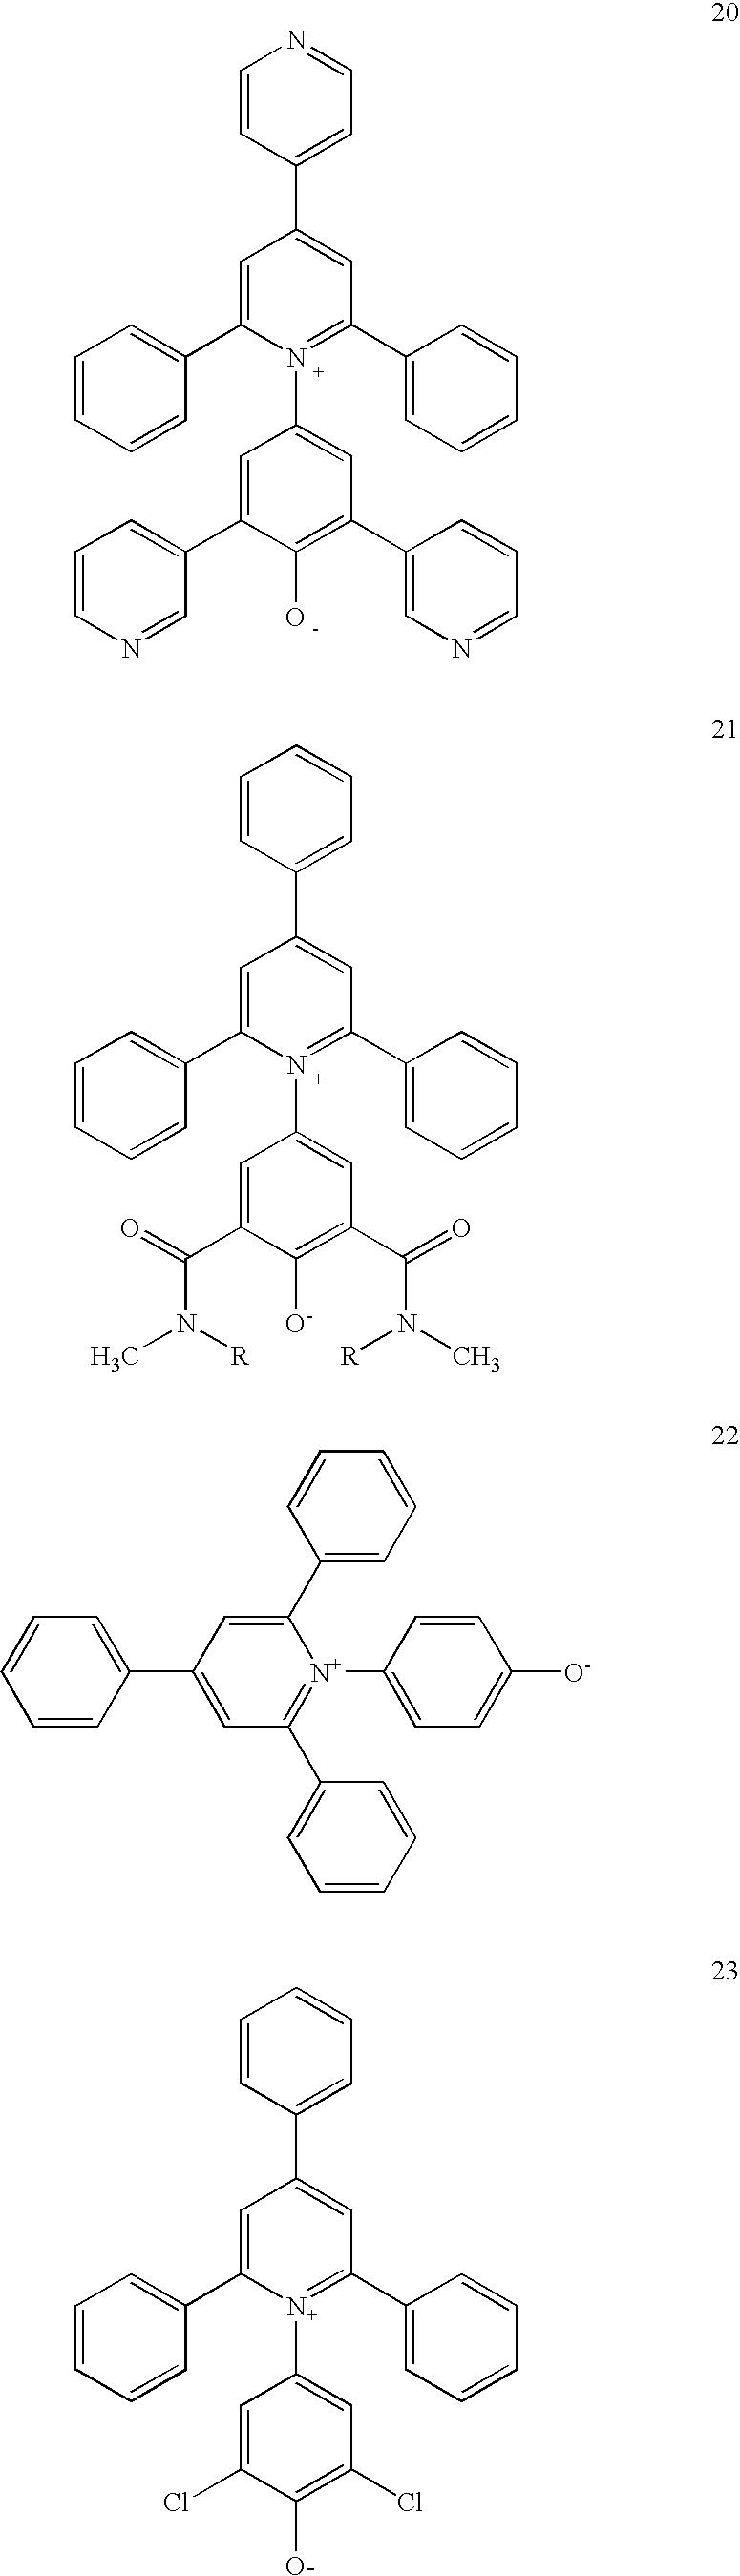 Figure US08247220-20120821-C00010